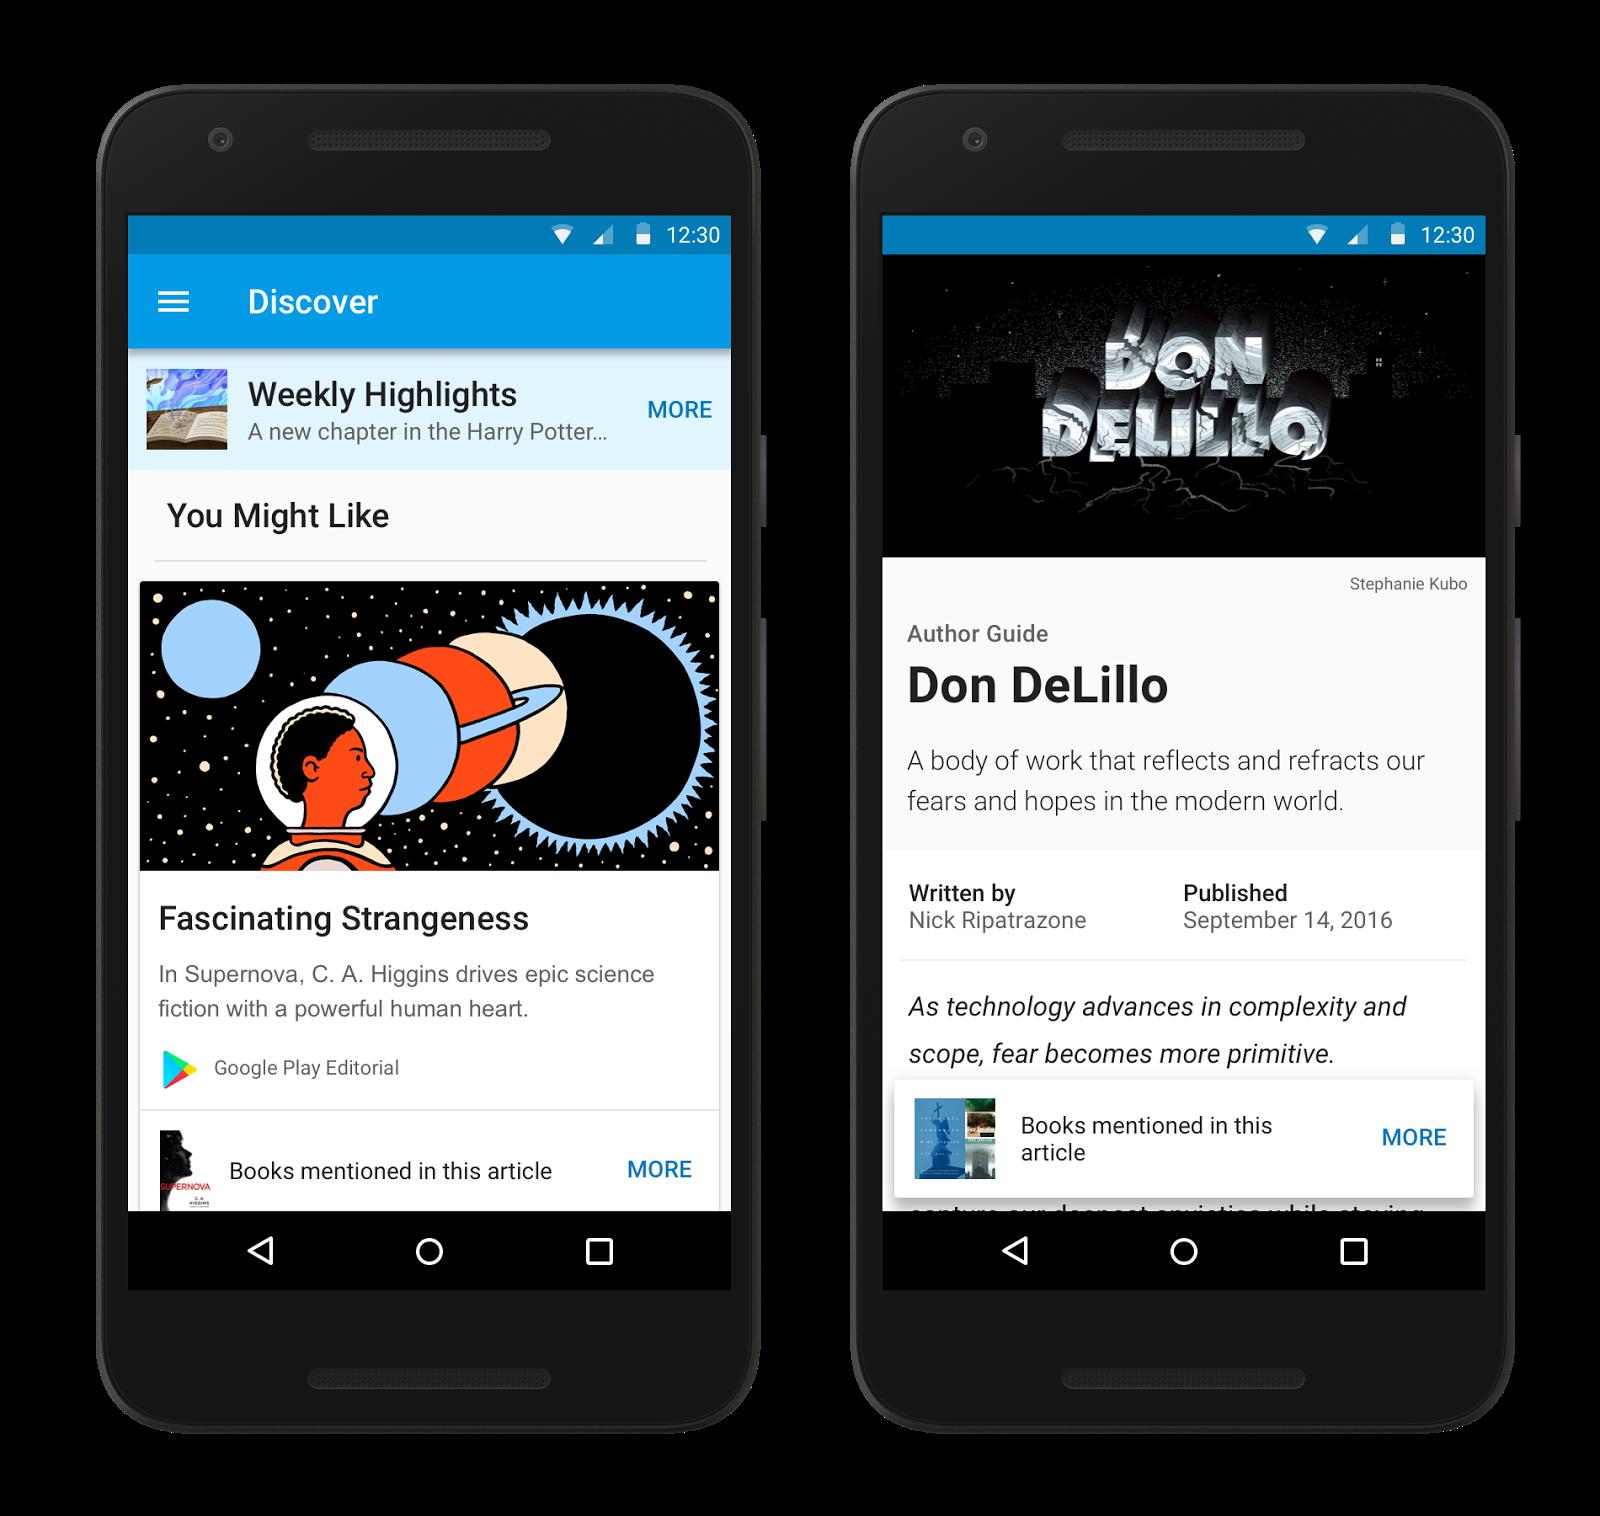 Google Play Books aggiunge la funzione Discover, per ora negli Stati Uniti